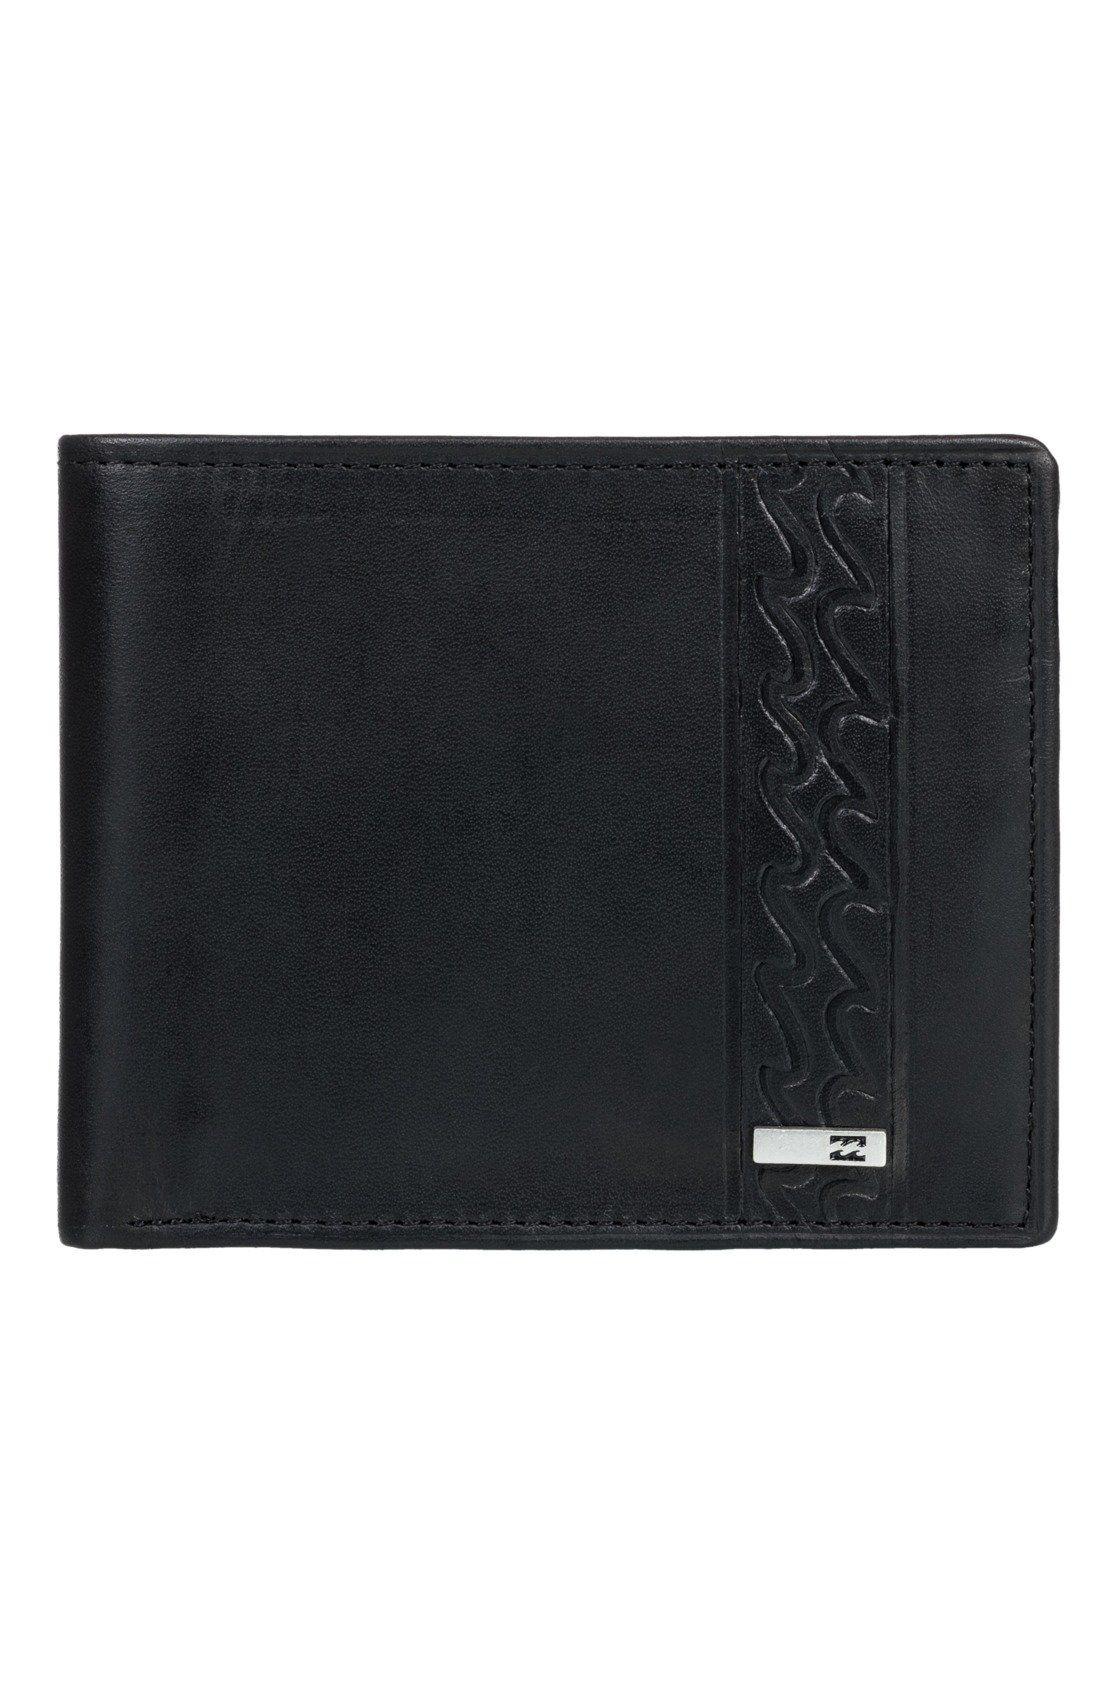 Billabong Leather Wallet DBAH Black